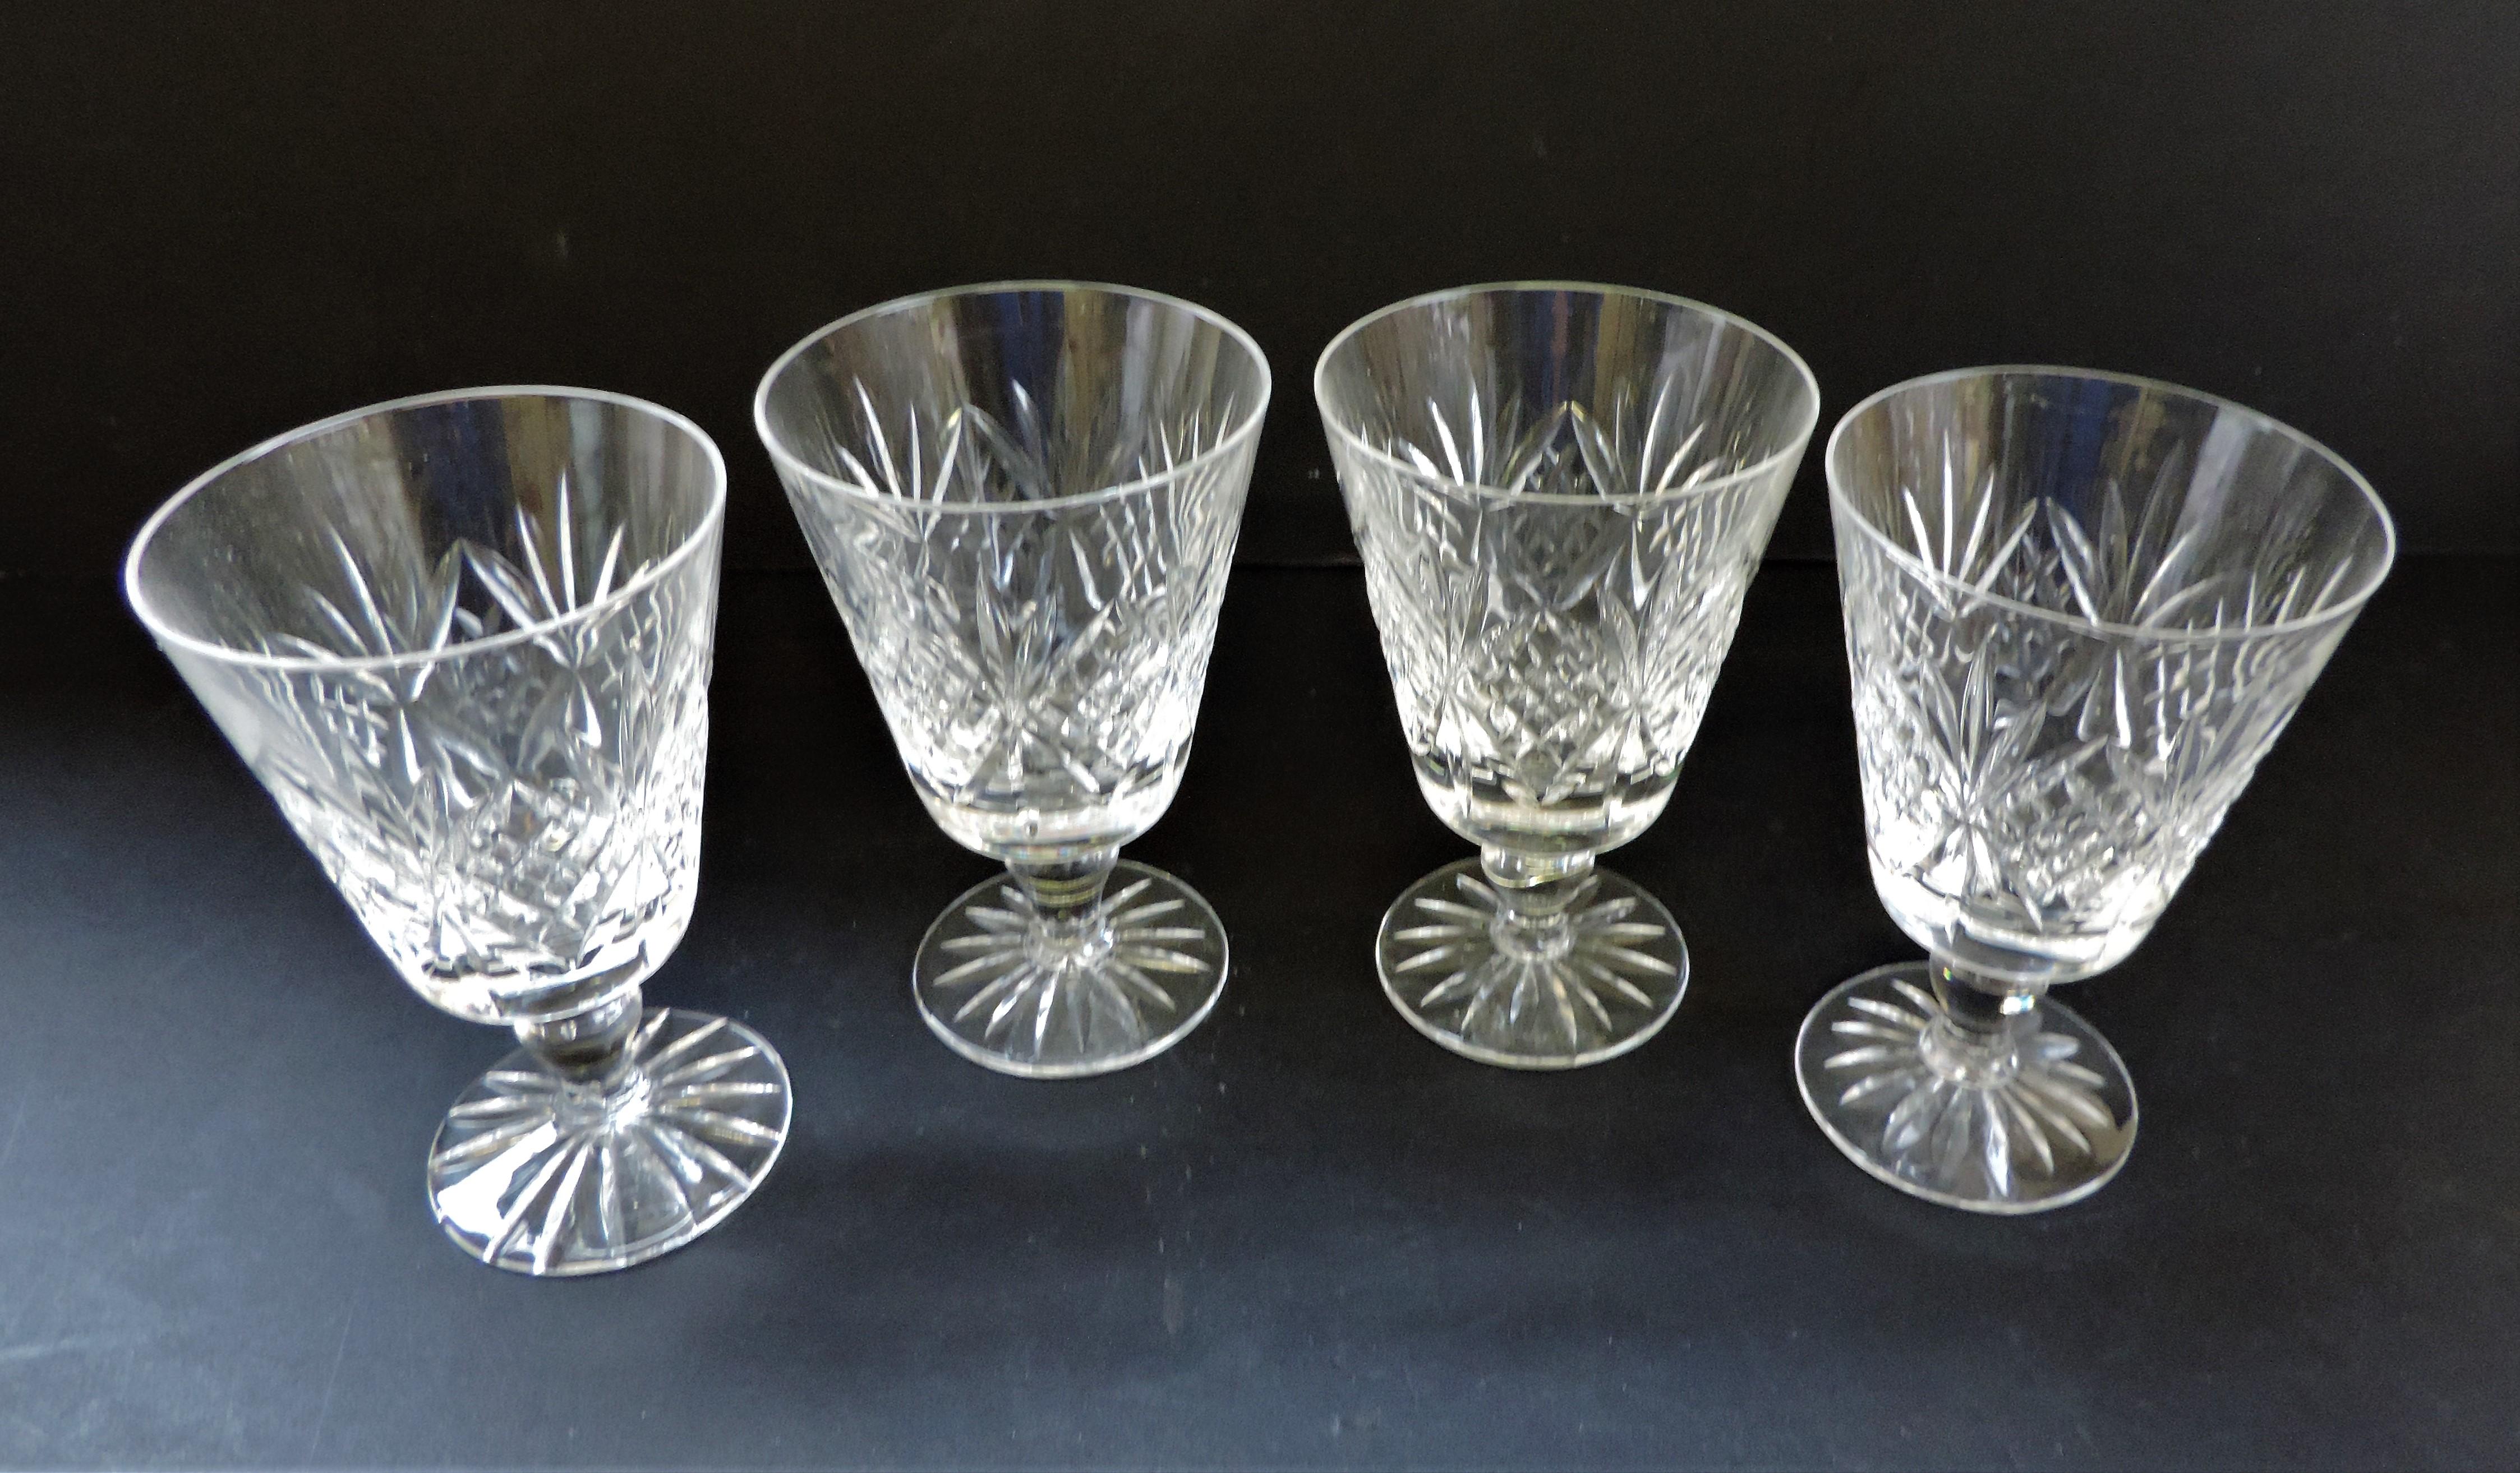 Set of 4 Vintage Crystal Wine Goblets 12cm tall - Image 4 of 4